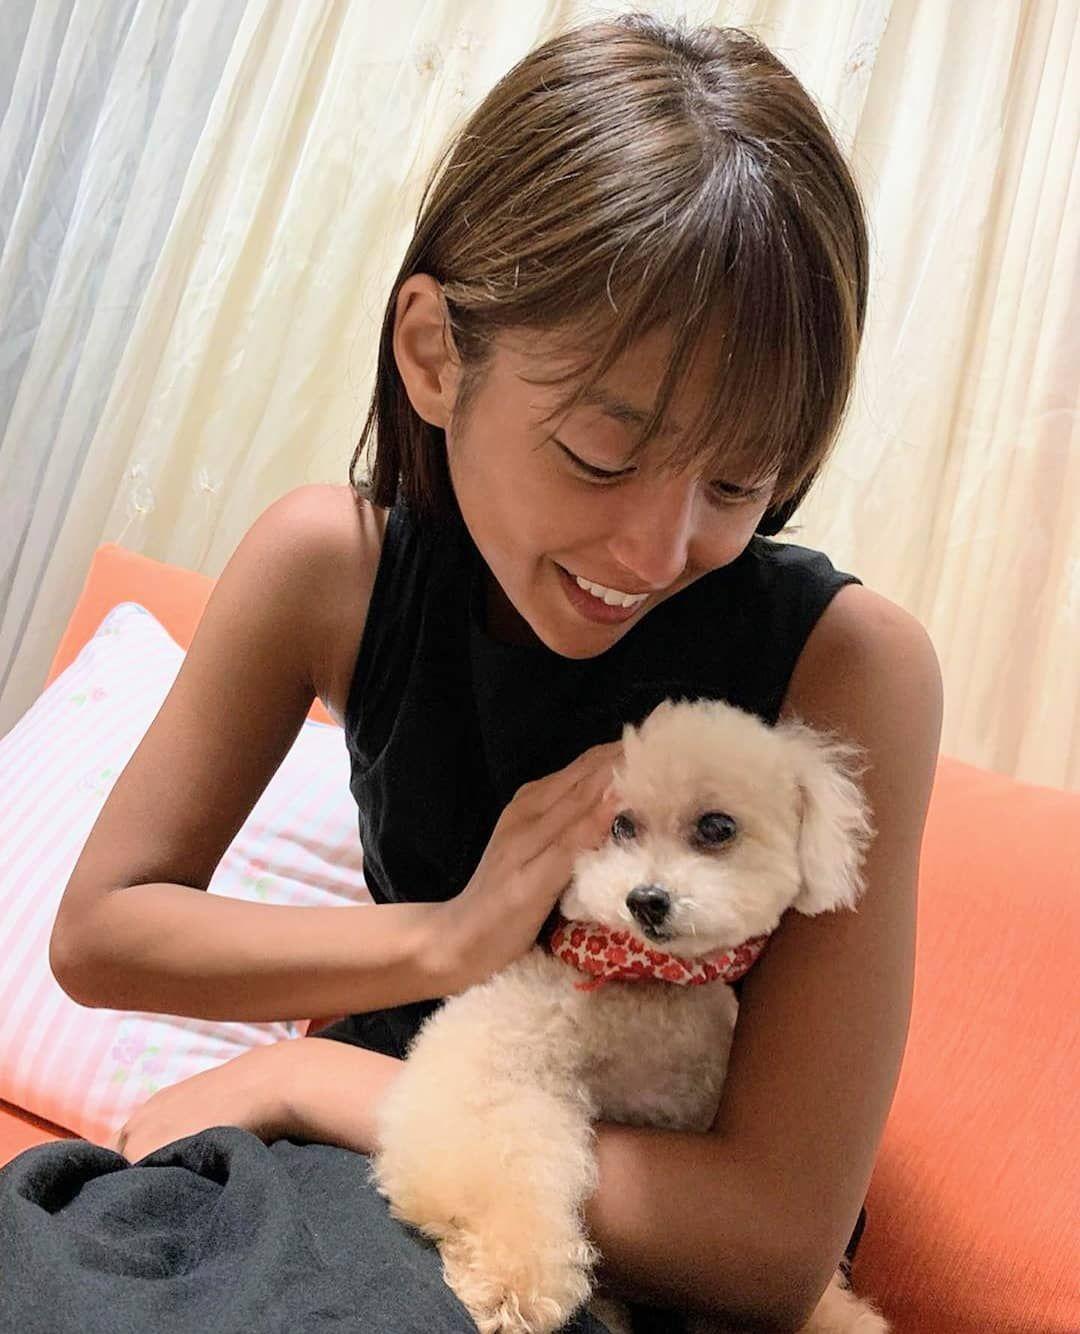 アートに同化するあずきさん Jabbascafe ジャバズカフェ Dogcafe ドッグカフェ 藤岡 狆 茶狆 Chin Japanesechin Chinstagram Dogstagram Dogsofinstgram Dog Dogs Mydog Doggy Pe